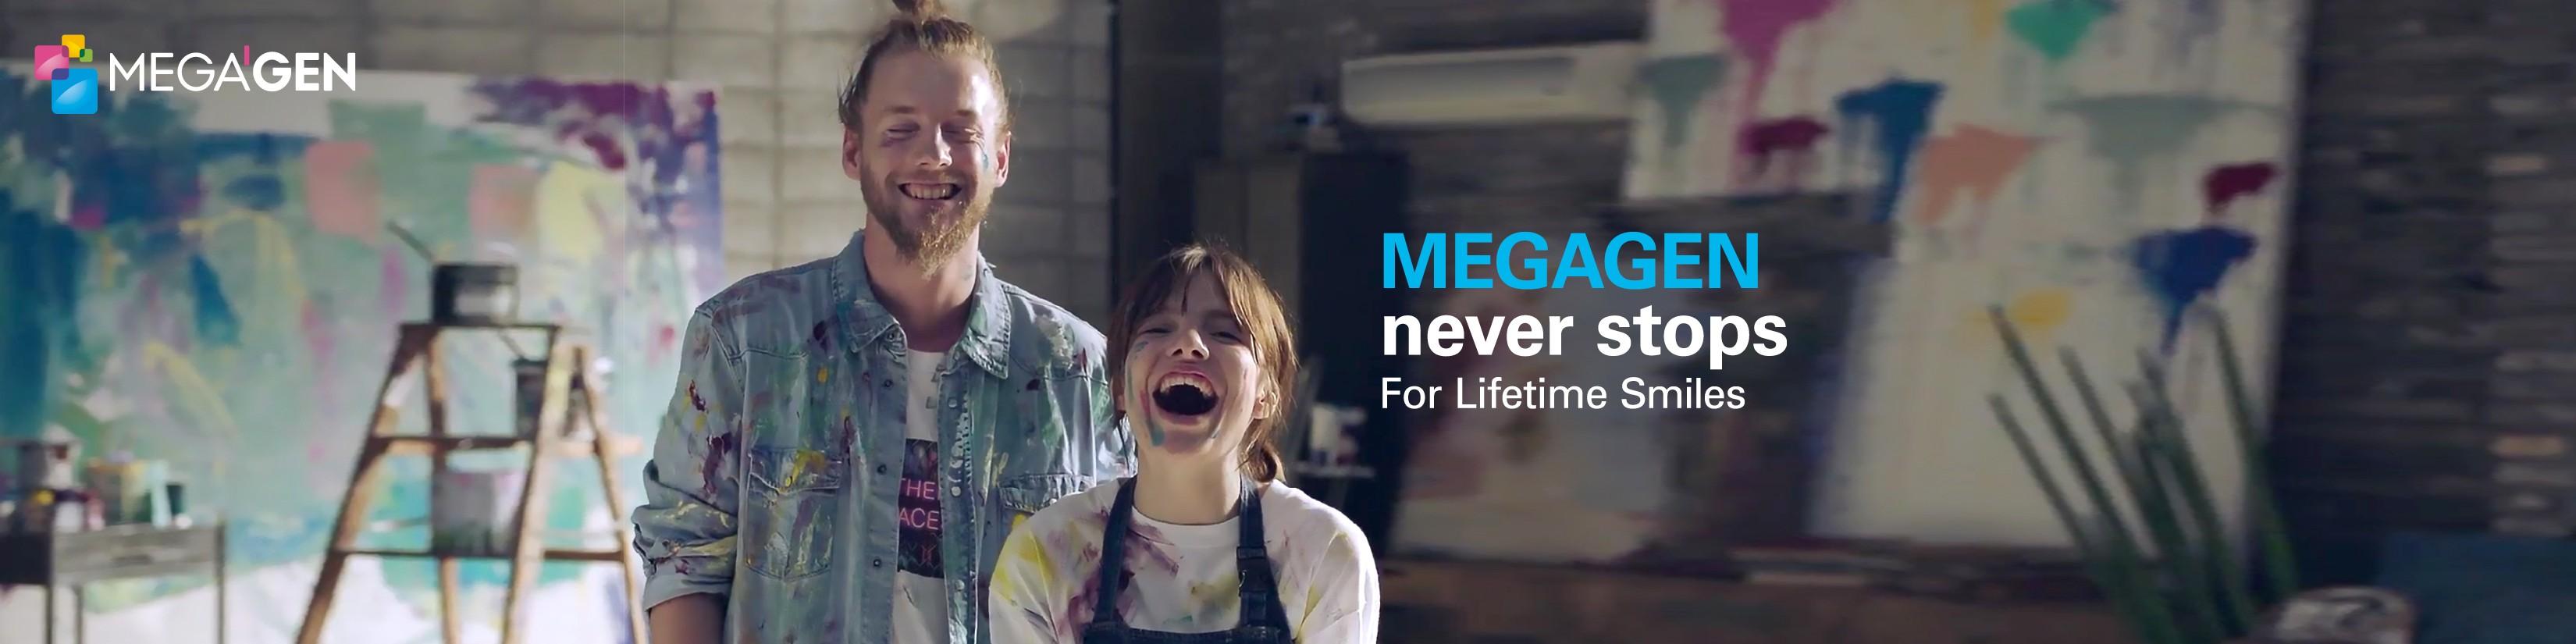 MegaGen Implant | LinkedIn